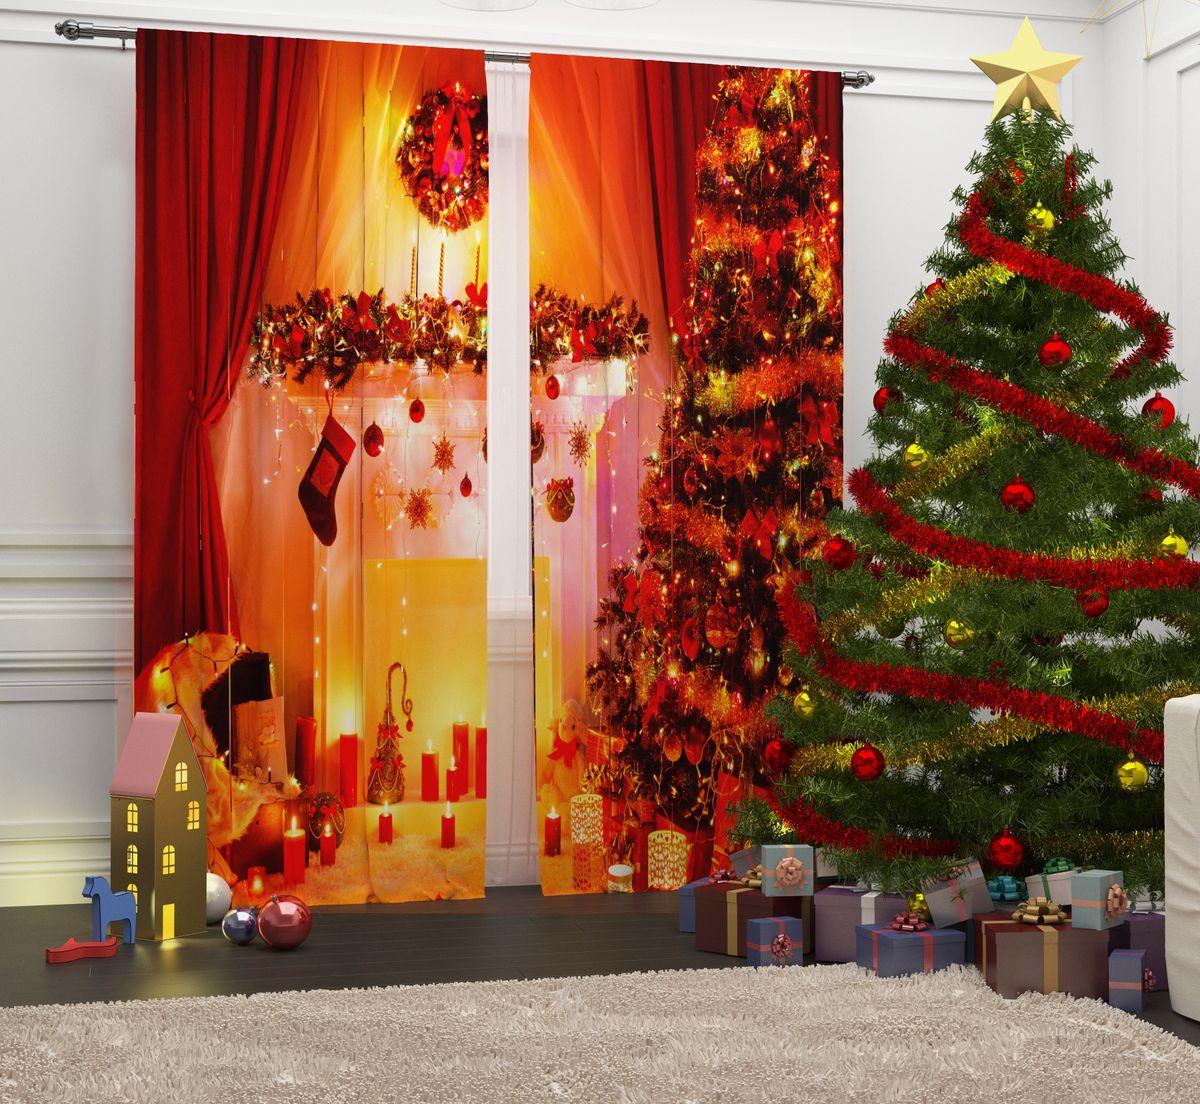 Фотошторы Сирень Вечер у камина, на ленте, высота 260 см03813-ФШ-ГБ-001Перед новогодними праздниками каждая хозяйка или хозяин хотят украсить свой дом. Мы предлагаем оригинальное решение, украсить Ваше окно фотошторами с новогодней тематикой. Новогодние фотошторы Сирень станут отличным подарком на Новый год. Подарите радость праздника себе и Вашим близким людям! Текстиль бренда «Сирень» - качество в каждом сантиметре ткани! Крепление на карниз при помощи шторной ленты на крючки. В комплекте: Портьера: 2 шт. Размер (ШхВ): 145 см х 260 см. Рекомендации по уходу: стирка при 30 градусах гладить при температуре до 150 градусов Изображение на мониторе может немного отличаться от реального.